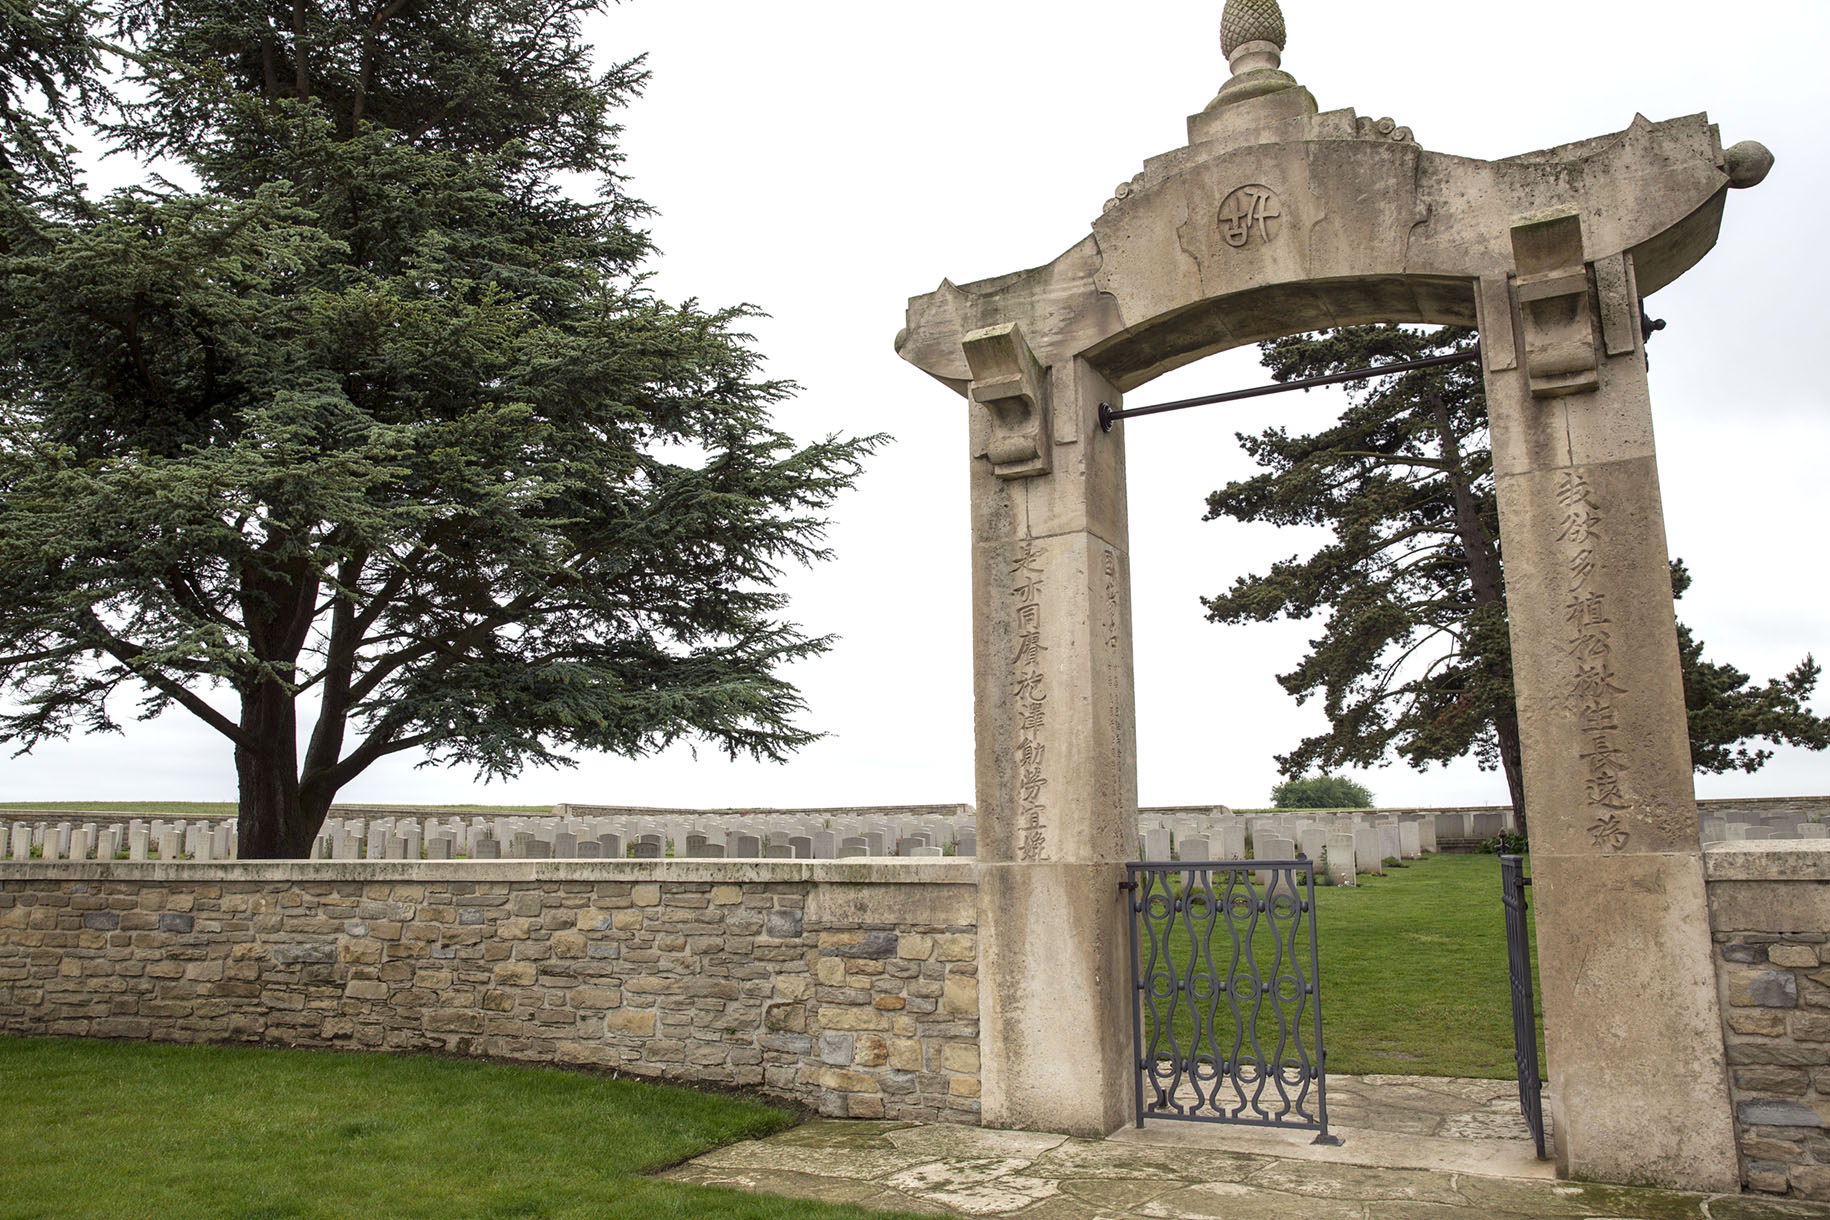 Chinesischer Friedhof in Noyelles-sur-Somme © Michael Kneffel